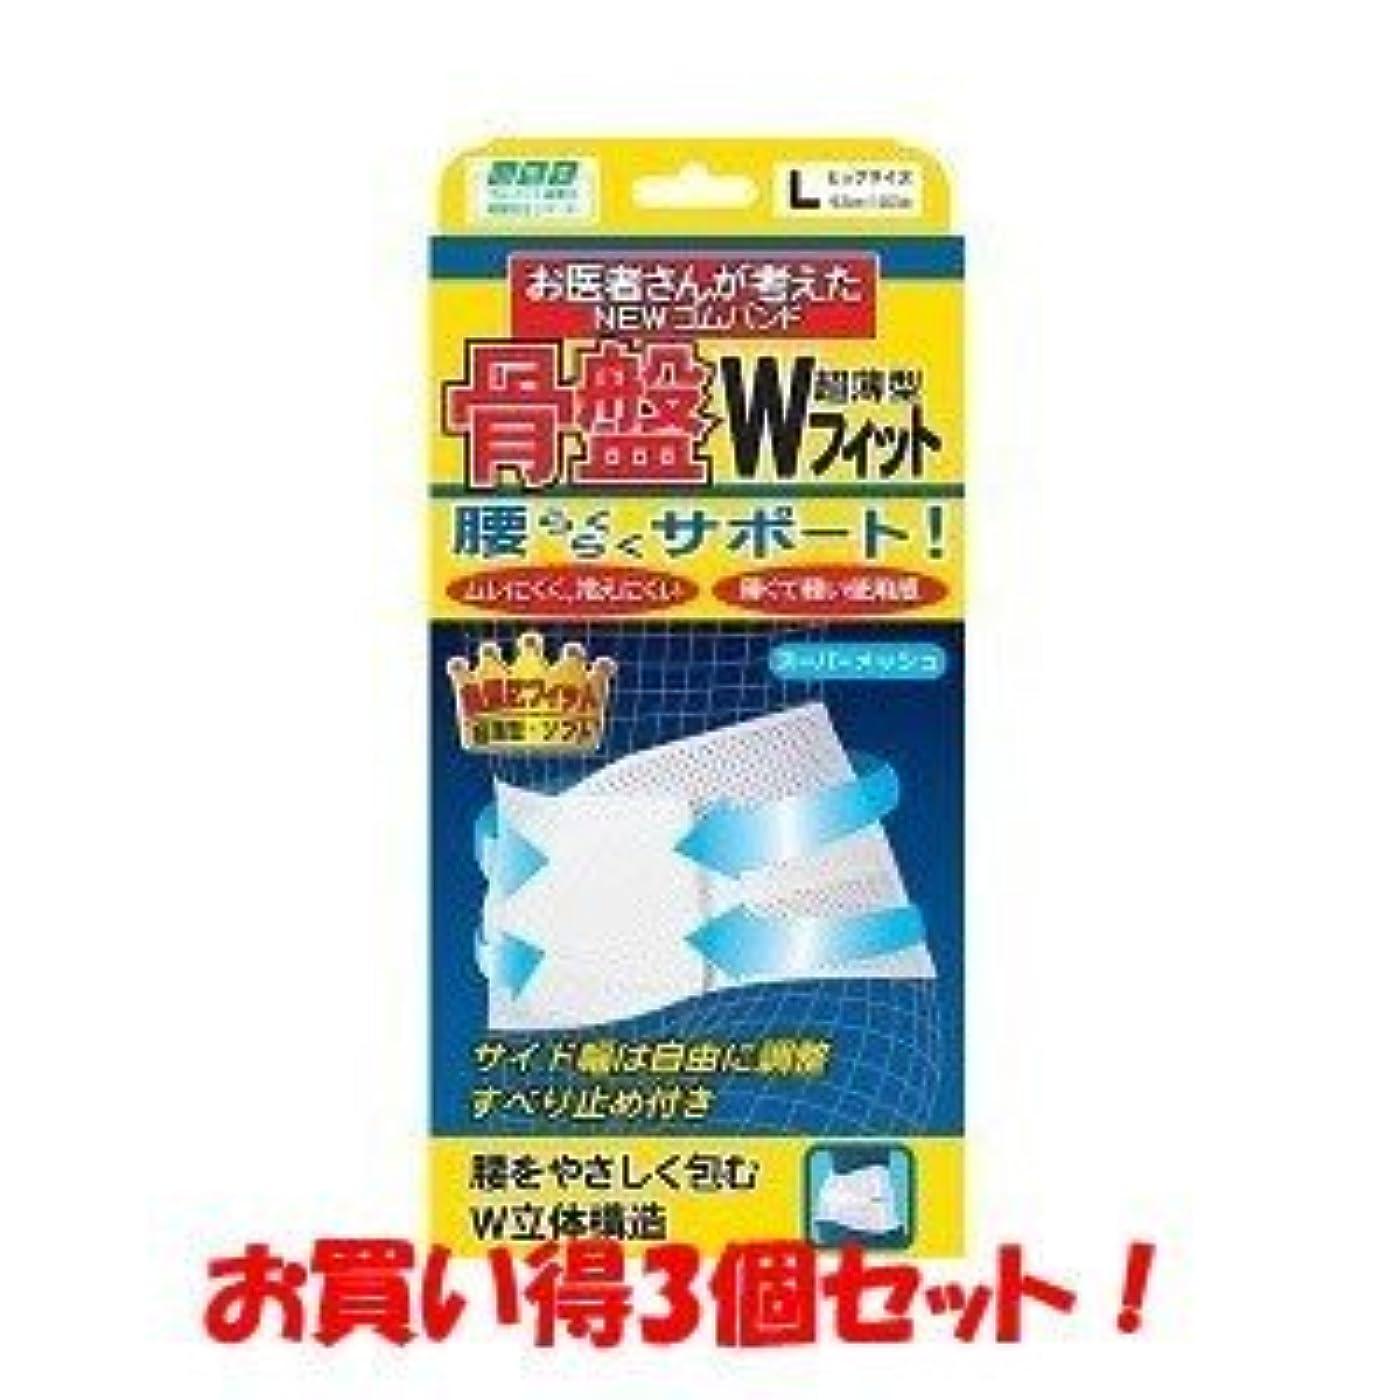 新着ミンチ甘味(ミノウラ)山田式 骨盤Wフィット L(お買い得3個セット)